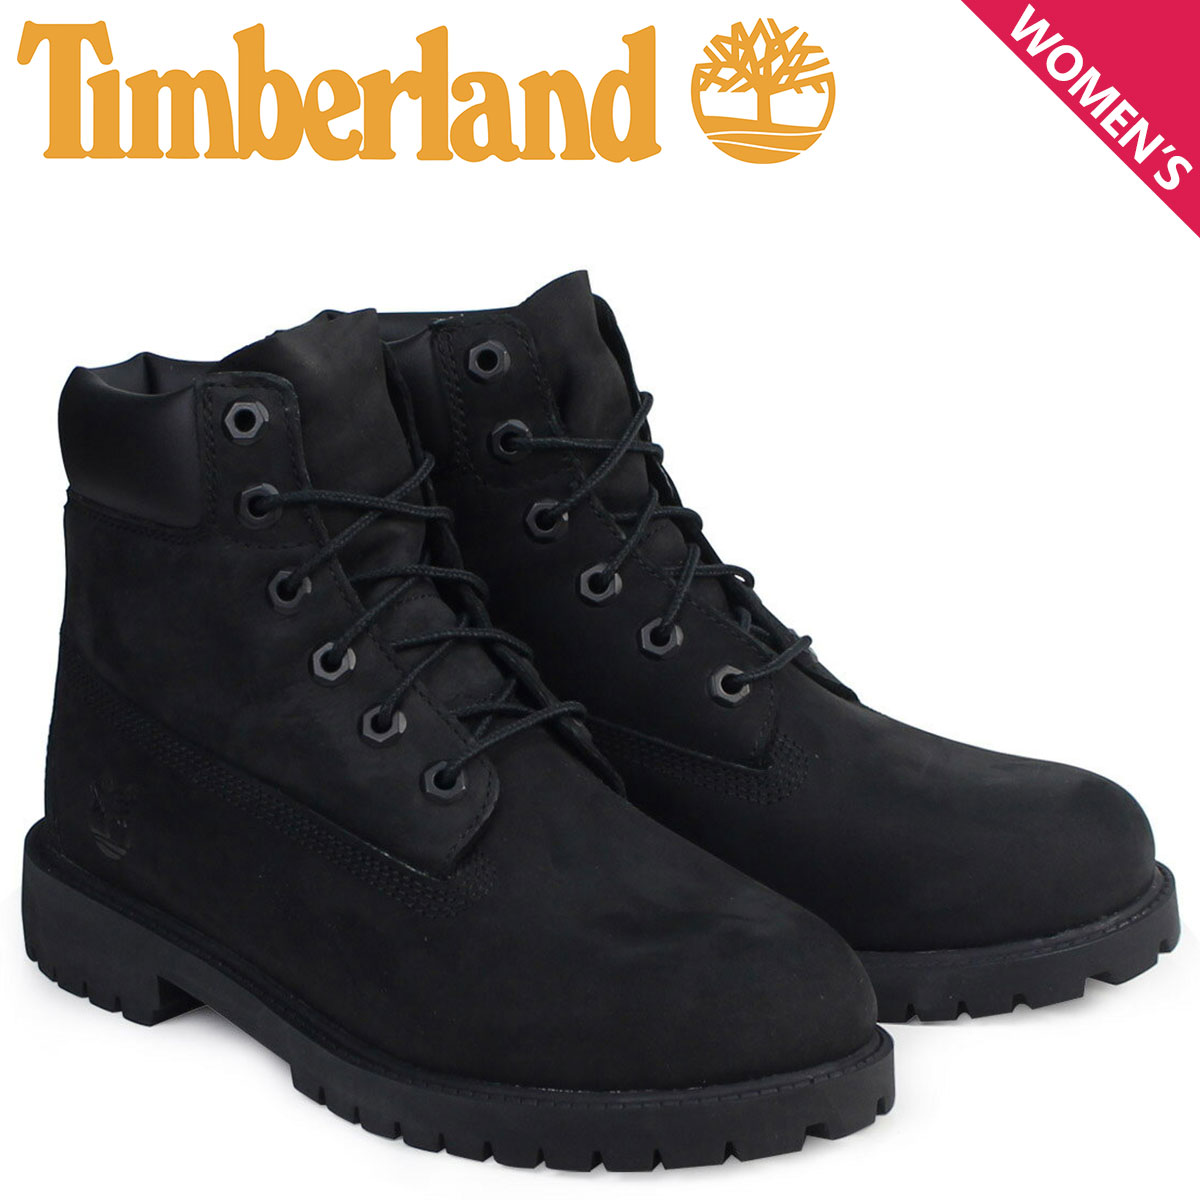 ティンバーランド レディース ブーツ 6インチ Timberland 6INCH WATERPROOF BOOTS プレミアム ウォータープルーフ 12907 ブラック